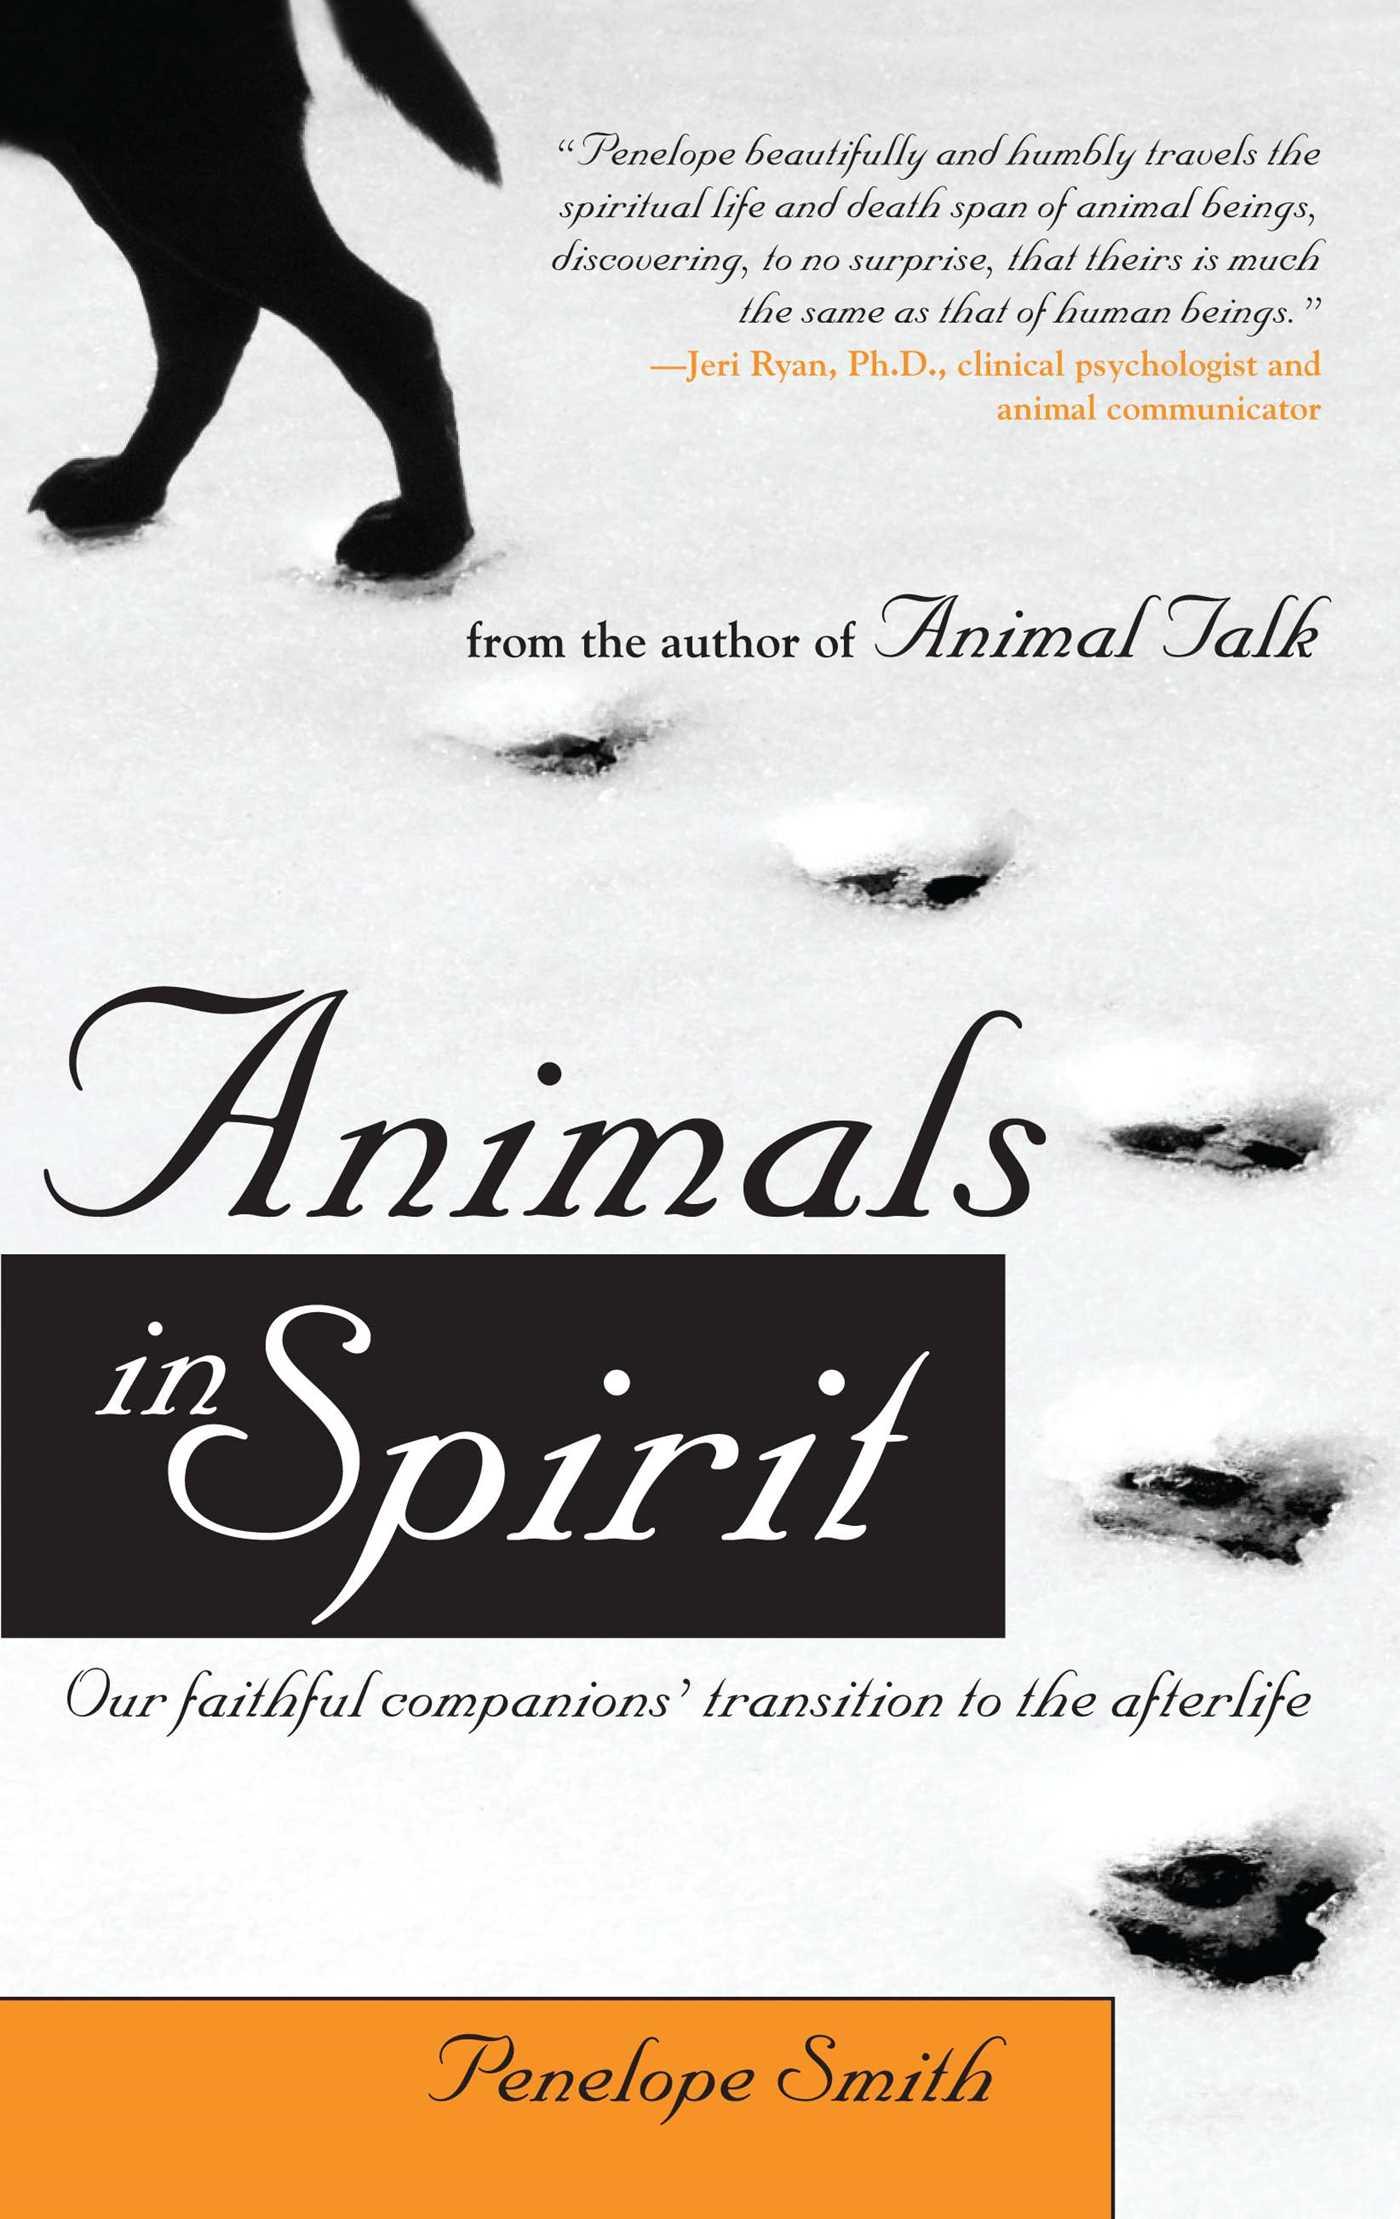 Animals in spirit 9781582701776 hr